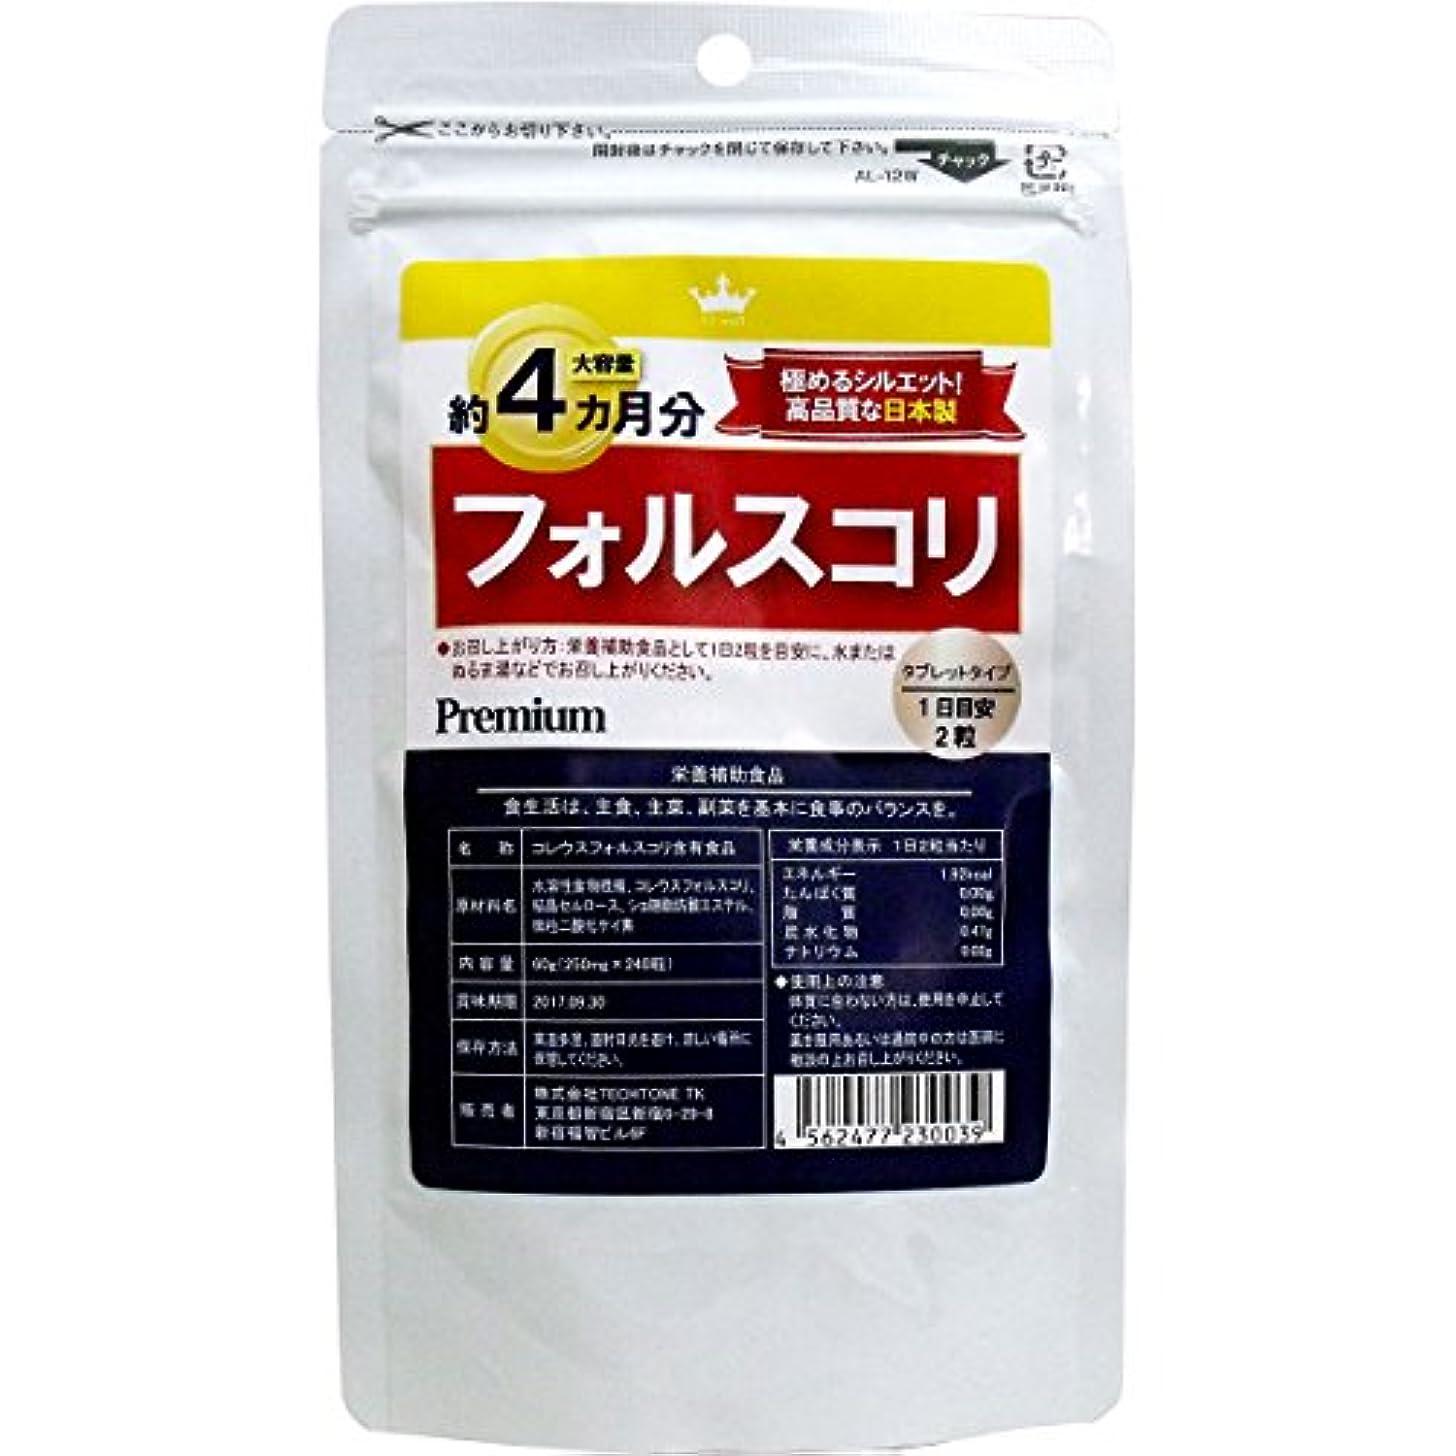 マサッチョスノーケルトラクターダイエット 高品質な日本製 人気 フォルスコリ 約4カ月分 240粒入